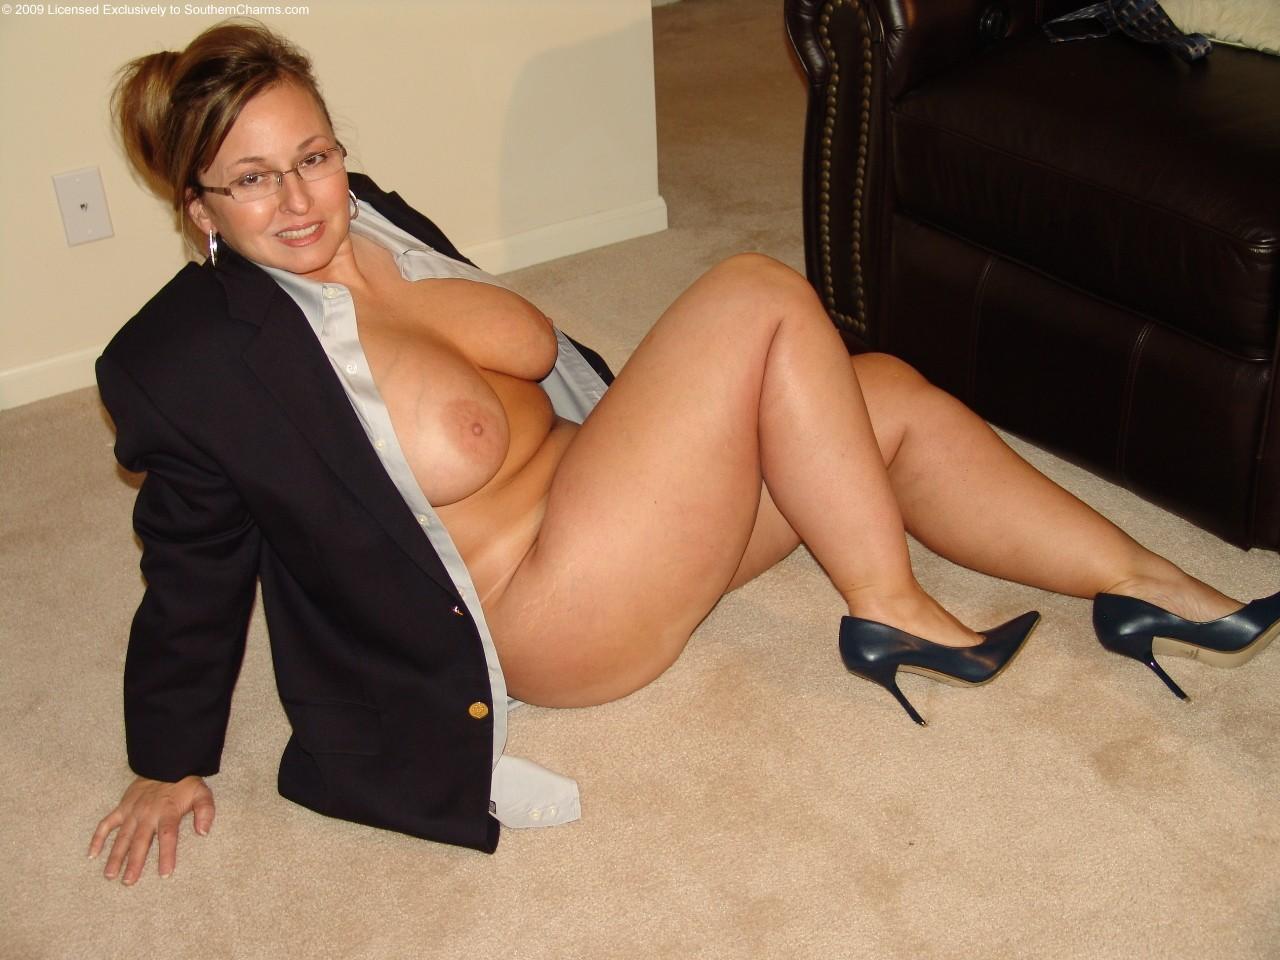 Фото зрелые женщины в теле, Голые зрелые женщины: порно фото со зрелыми 5 фотография